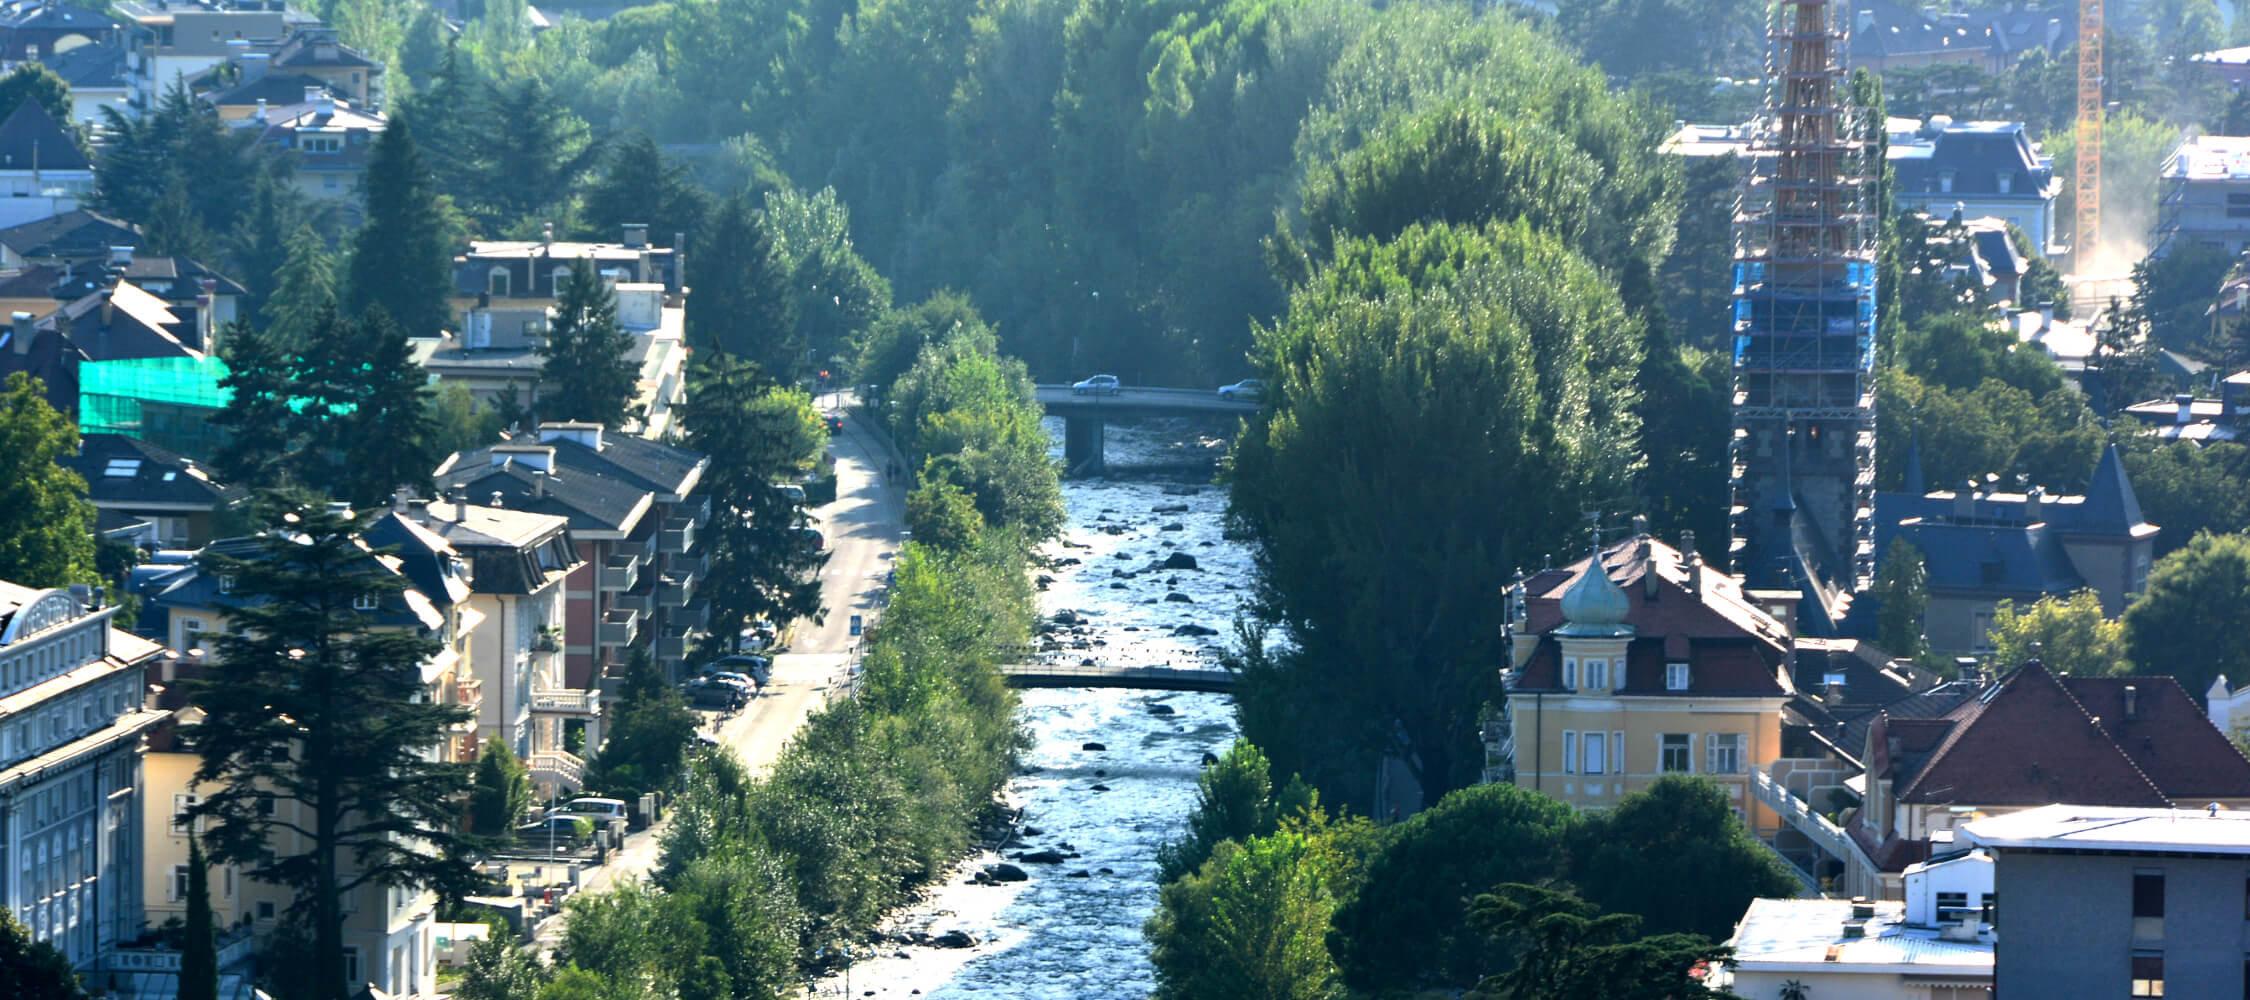 Italien-Trentino_Suedtirol_Alto_Adige_Merano_Meran_Stadt_Altstadt_Panorama_Passer_Demipress_DSC1024_2250x1000